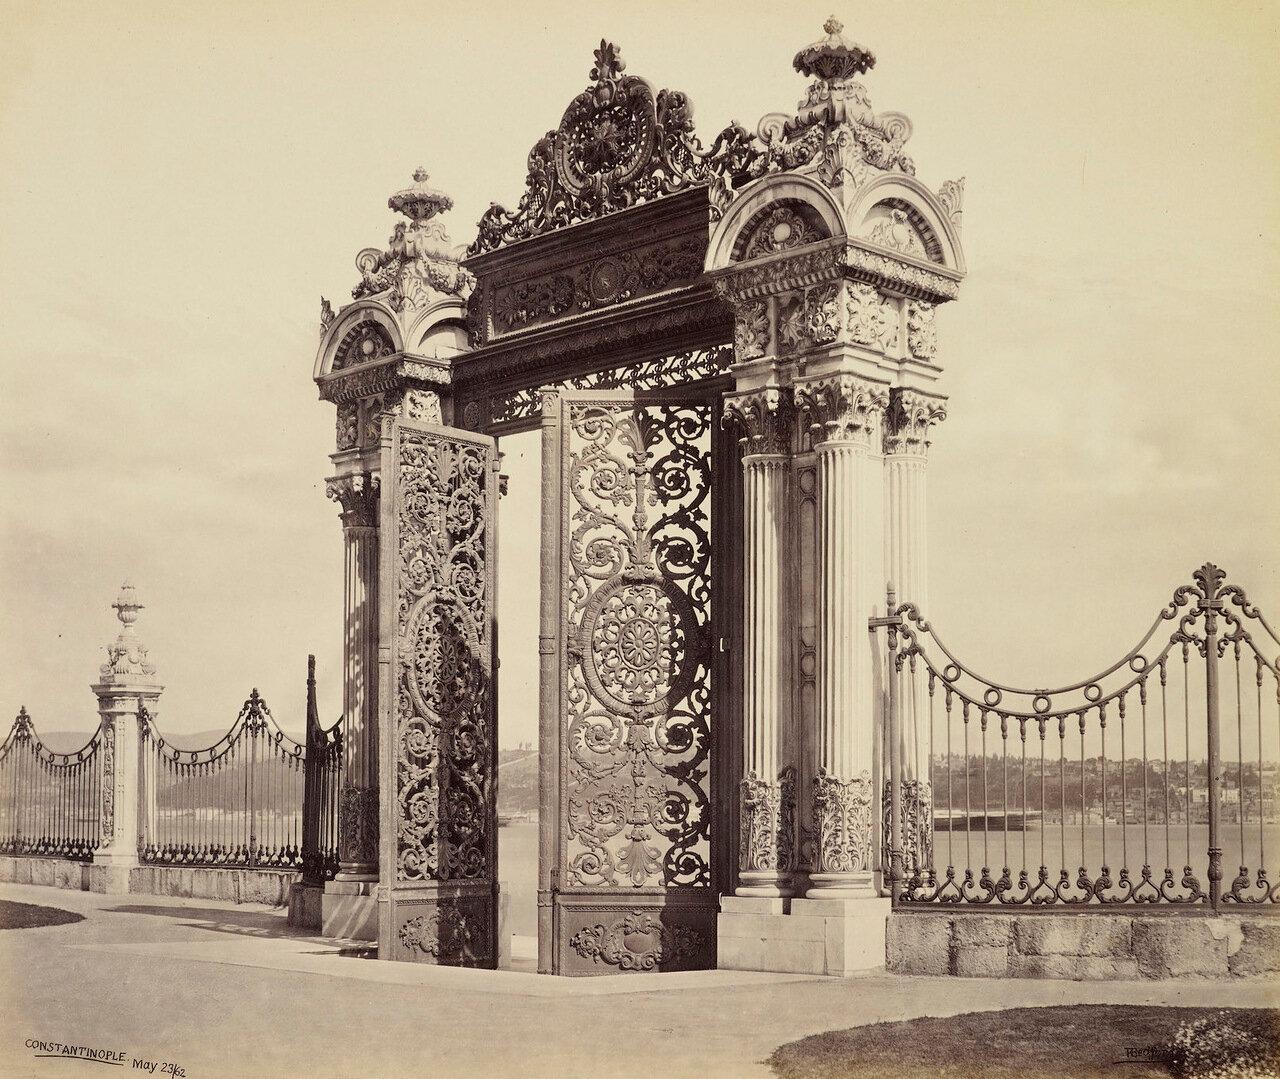 23 мая 1862. Речные ворота. Дворец Долмабахче. Константинополь